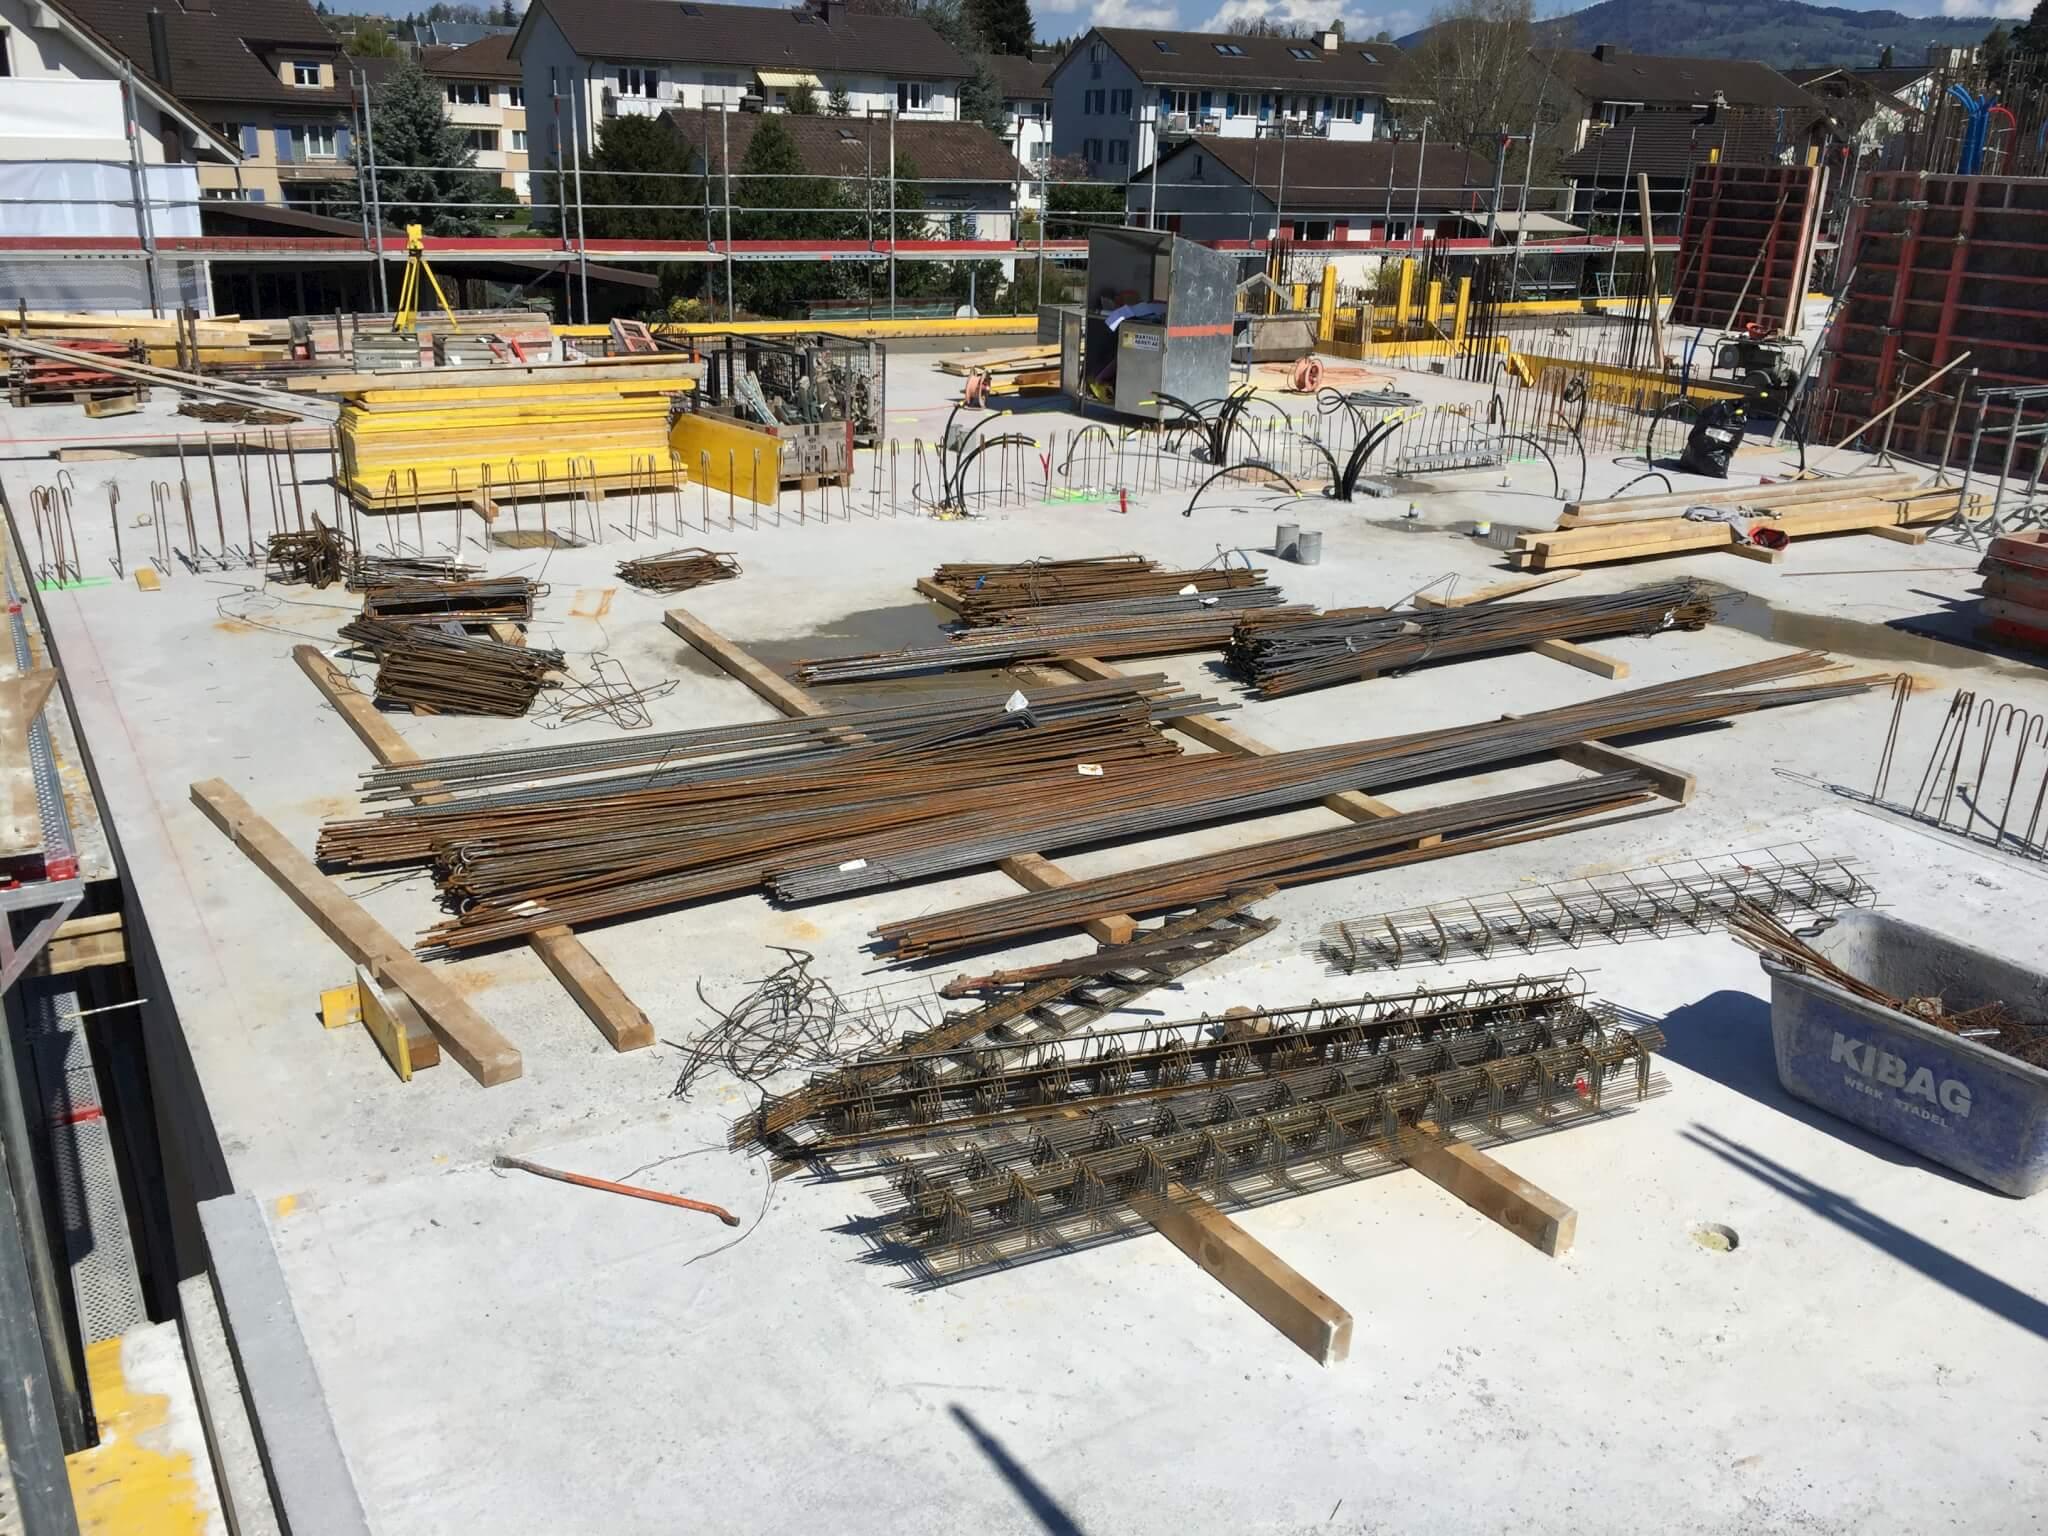 Wohnüberbauung an der Greithstrasse in Rapperswil: Die Decke über EG ist betoniert